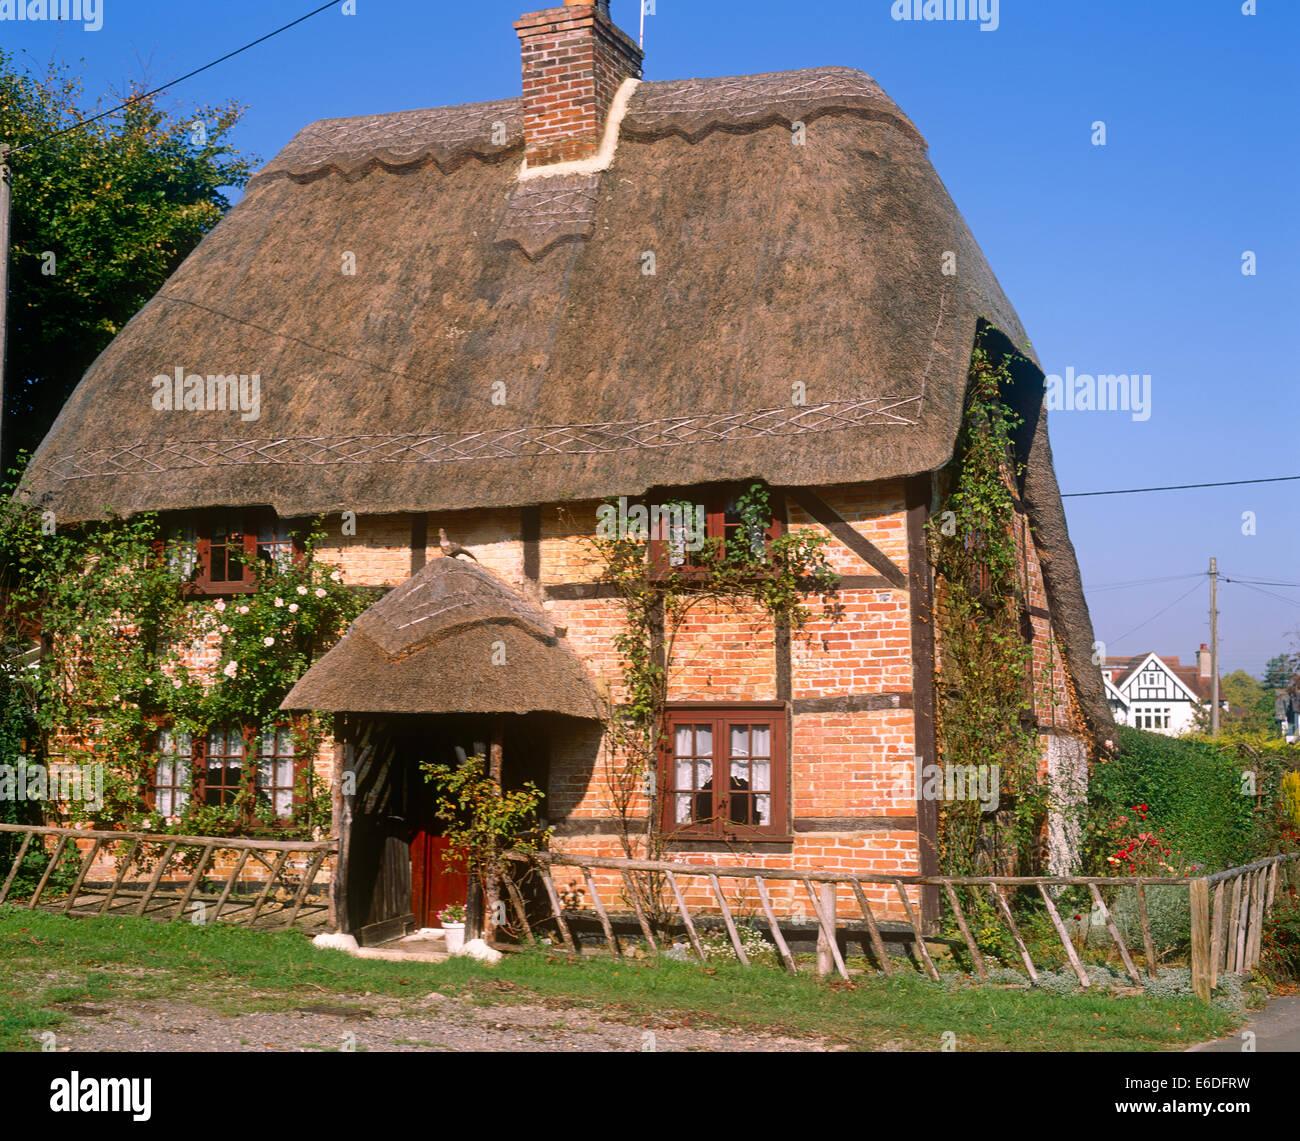 Thatched roof cottage Lyndhurst Hampshire UK - Stock Image